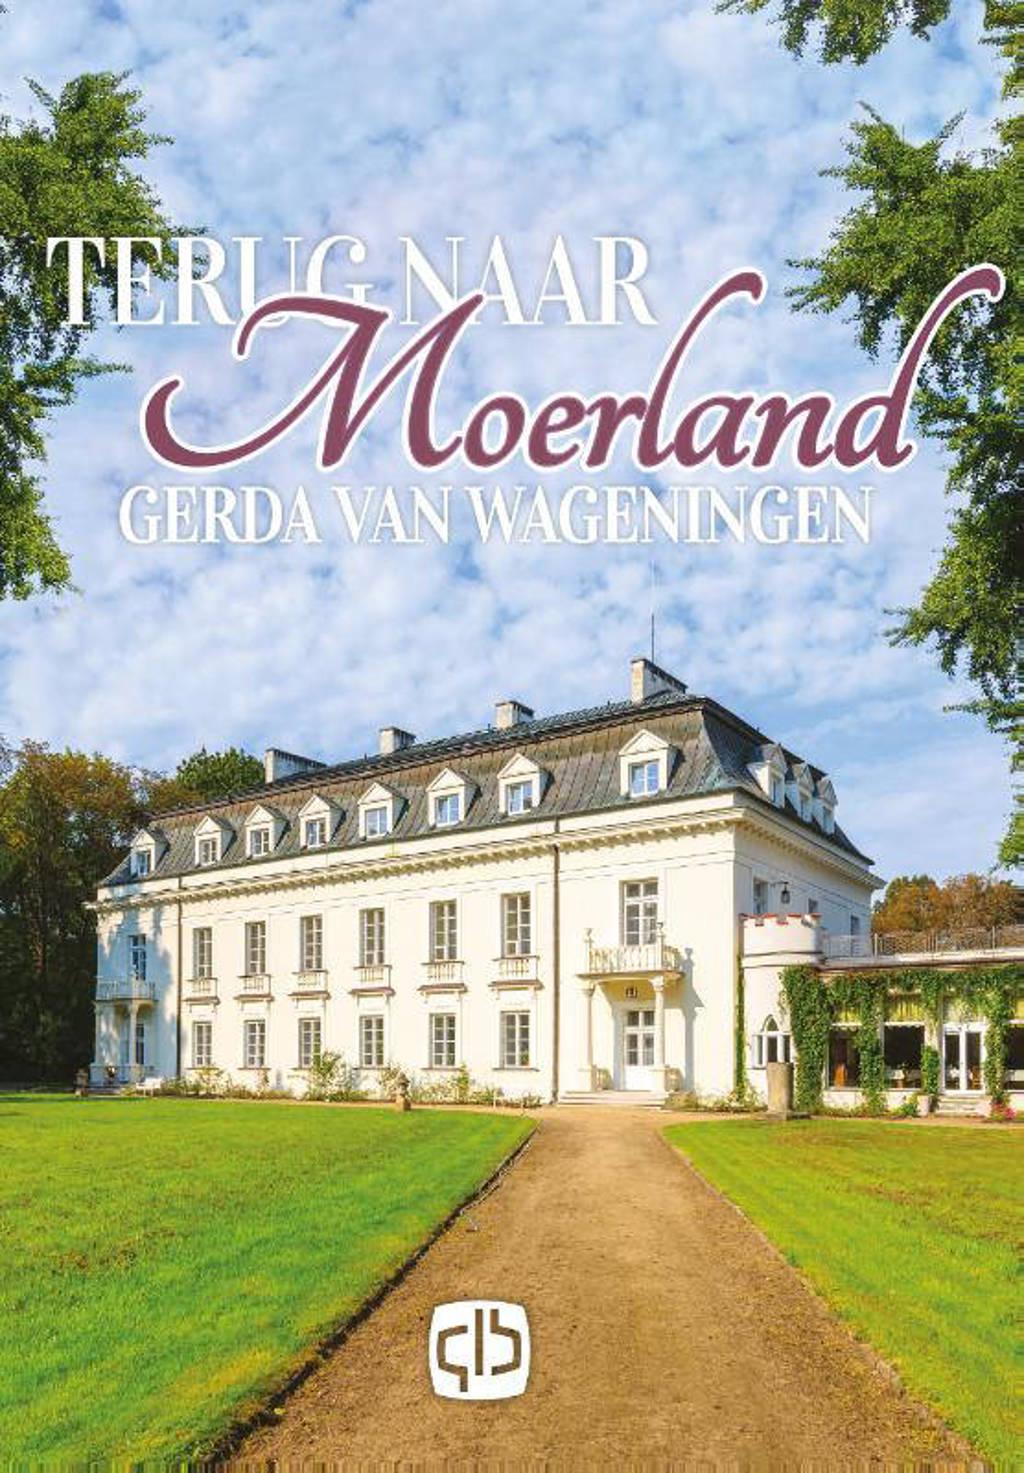 Moerland: Terug naar Moerland - Gerda van Wageningen